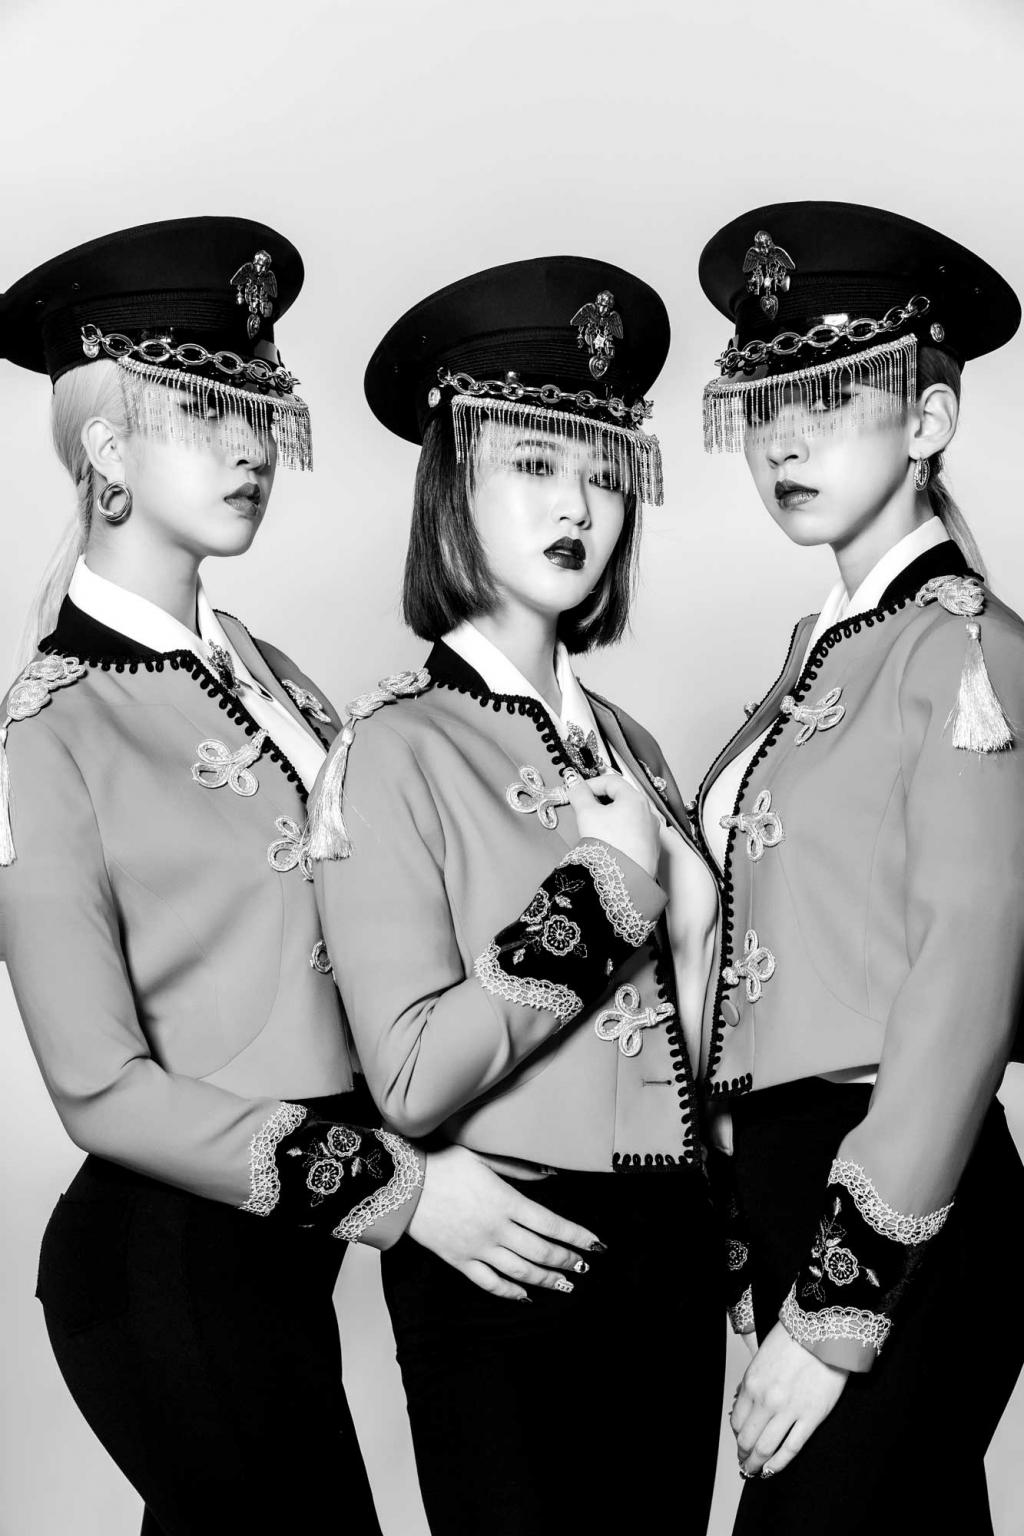 14일(화), 써드아이(3YE) 새 앨범 'Like This Summer' 발매 | 인스티즈